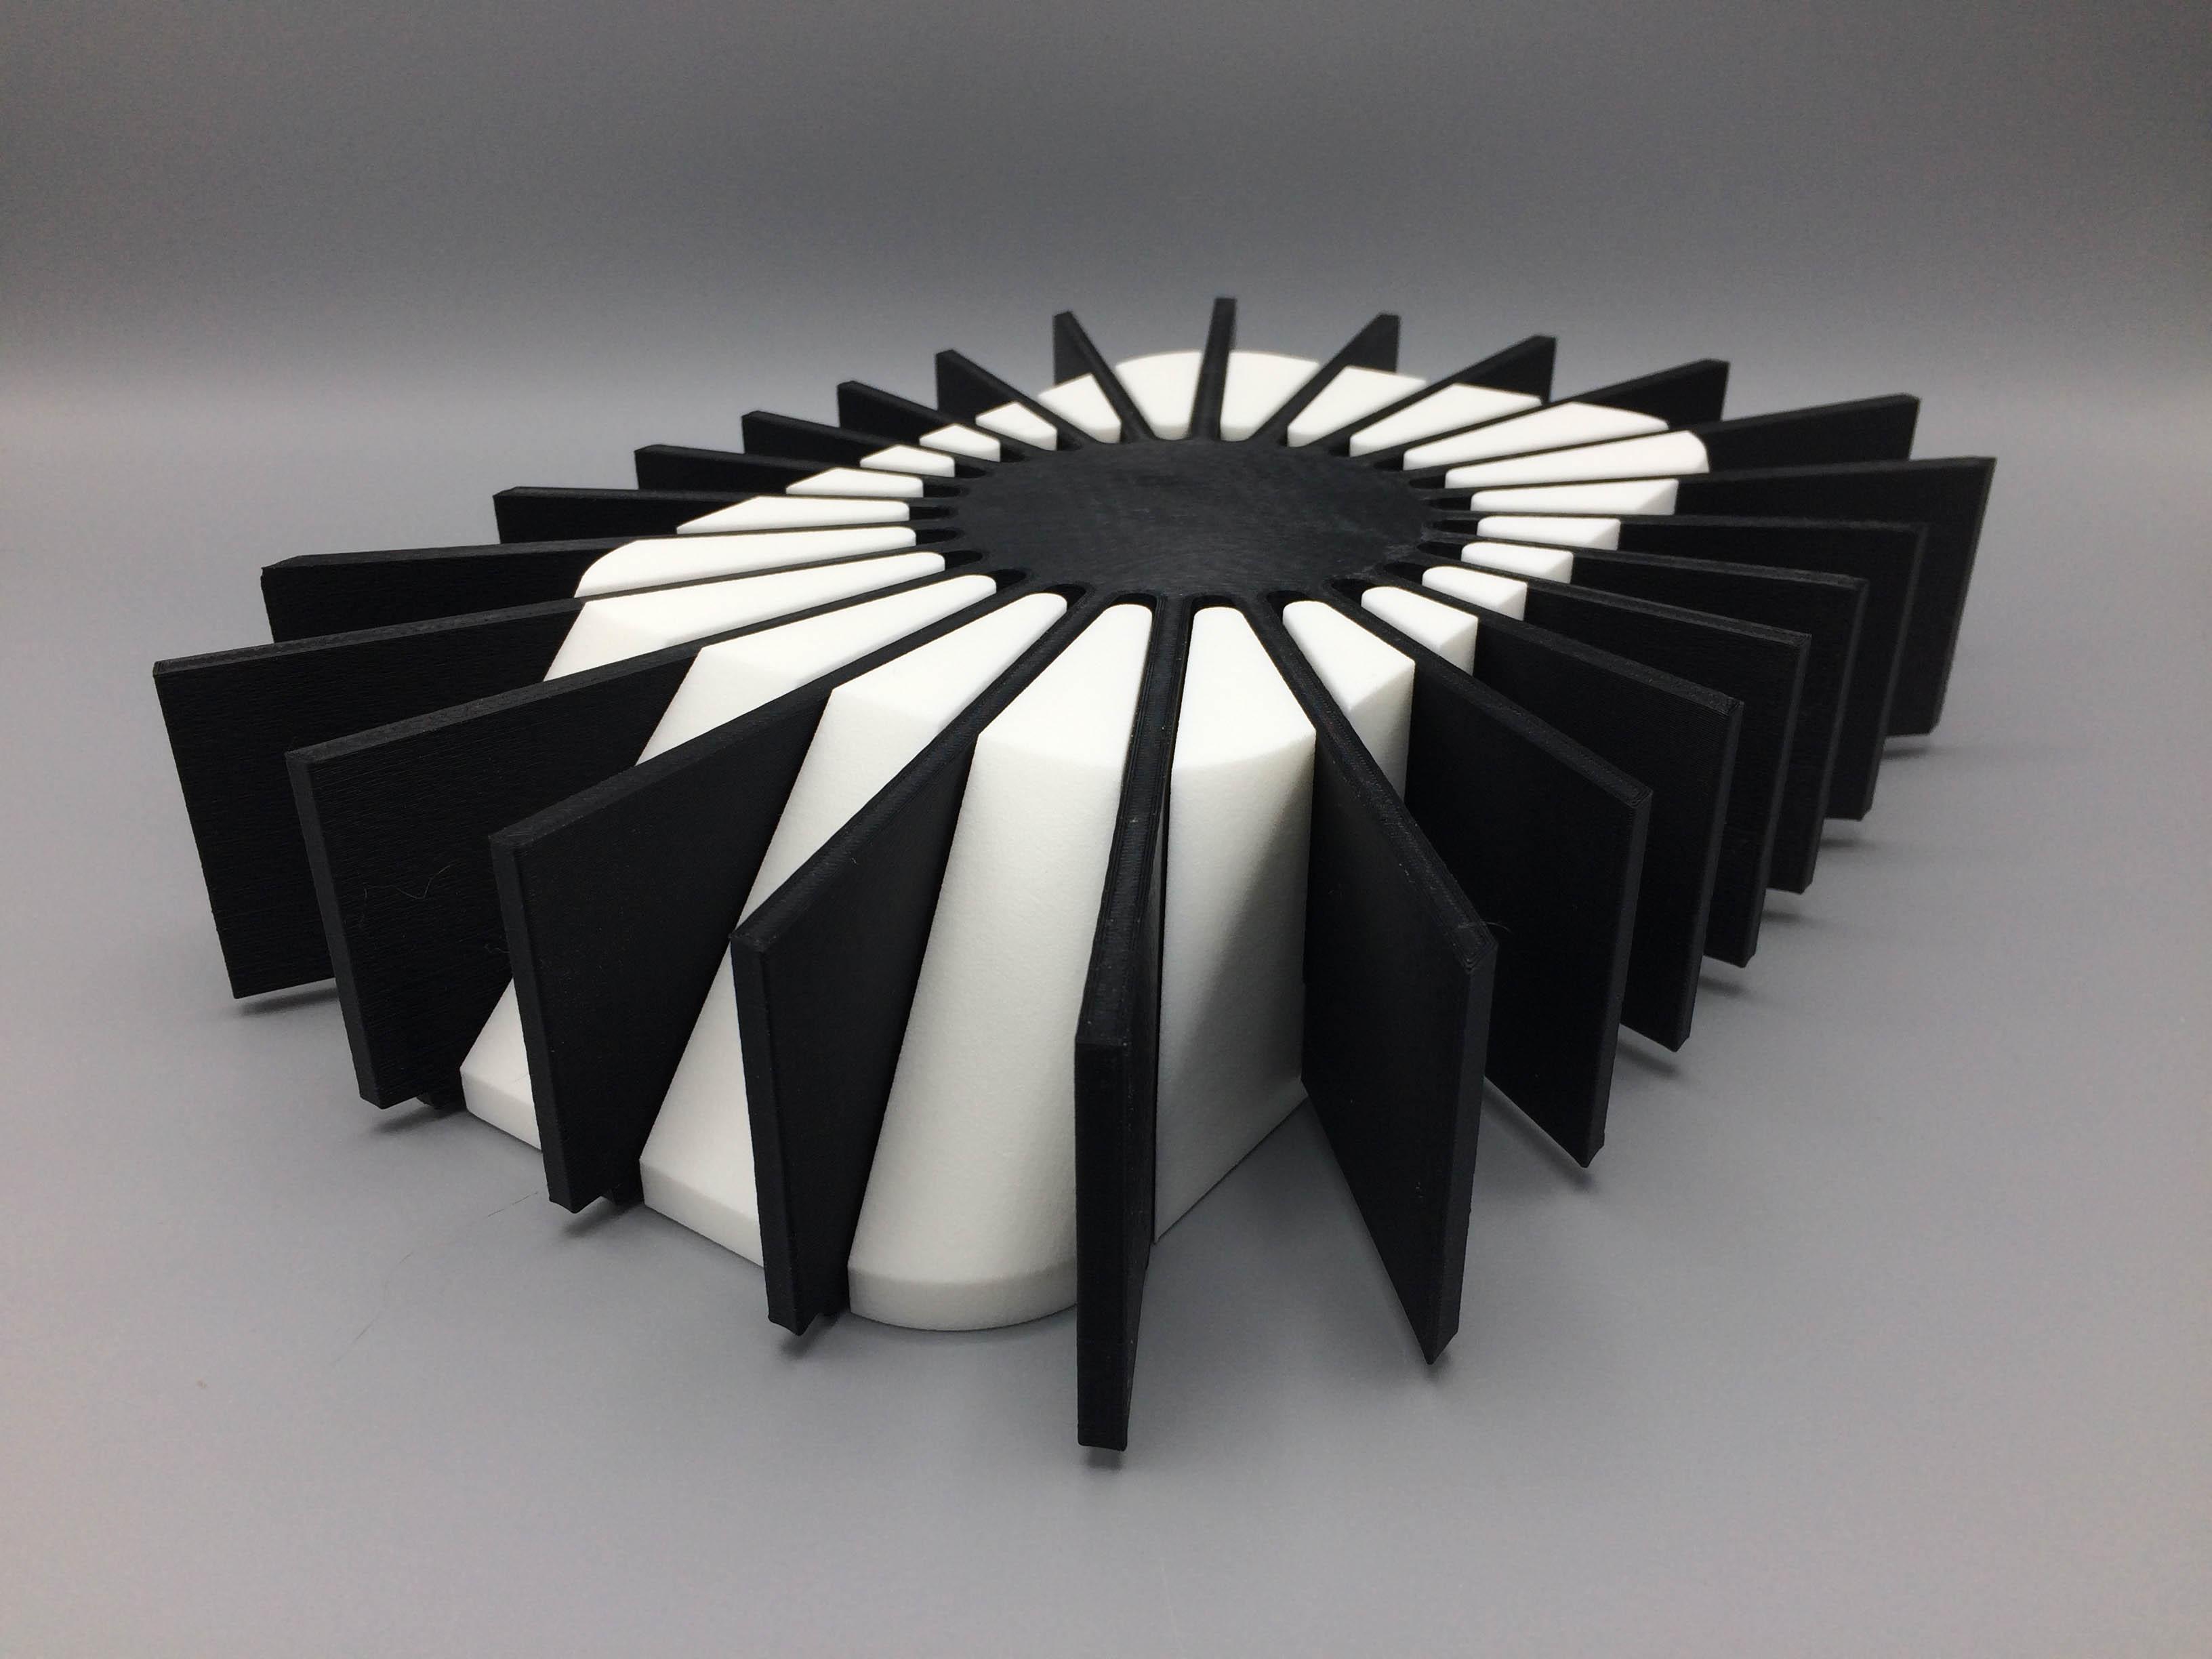 Multimaterial 3D print